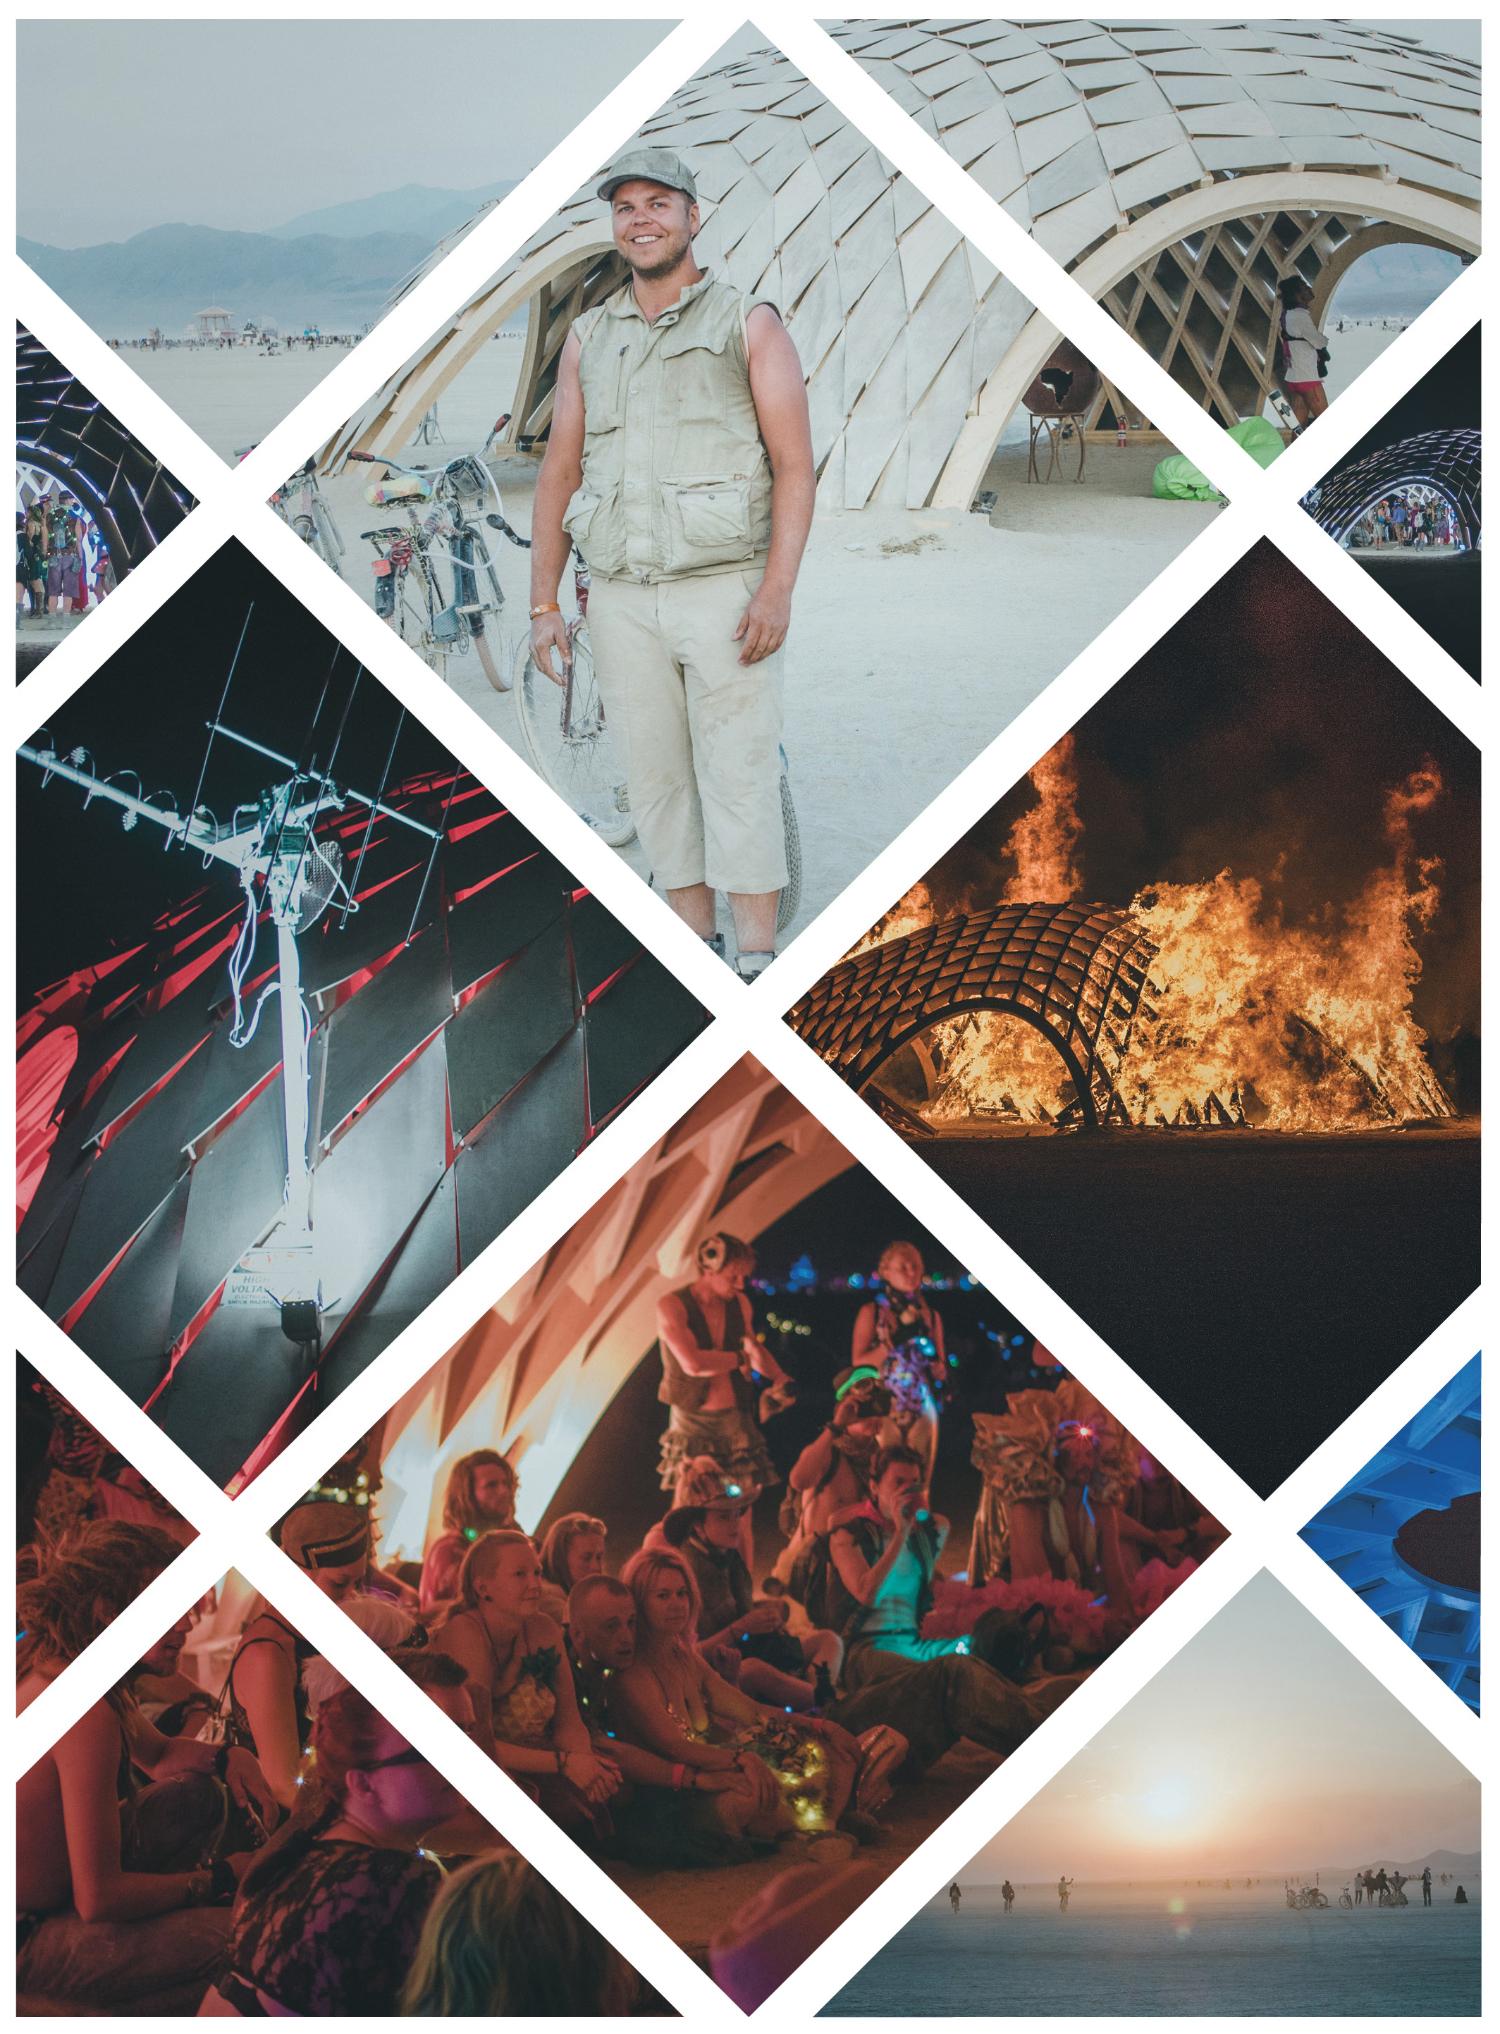 Burning_man_kollaasi_(c)_tommi_mäntysalo_ja_saara_alhopuro